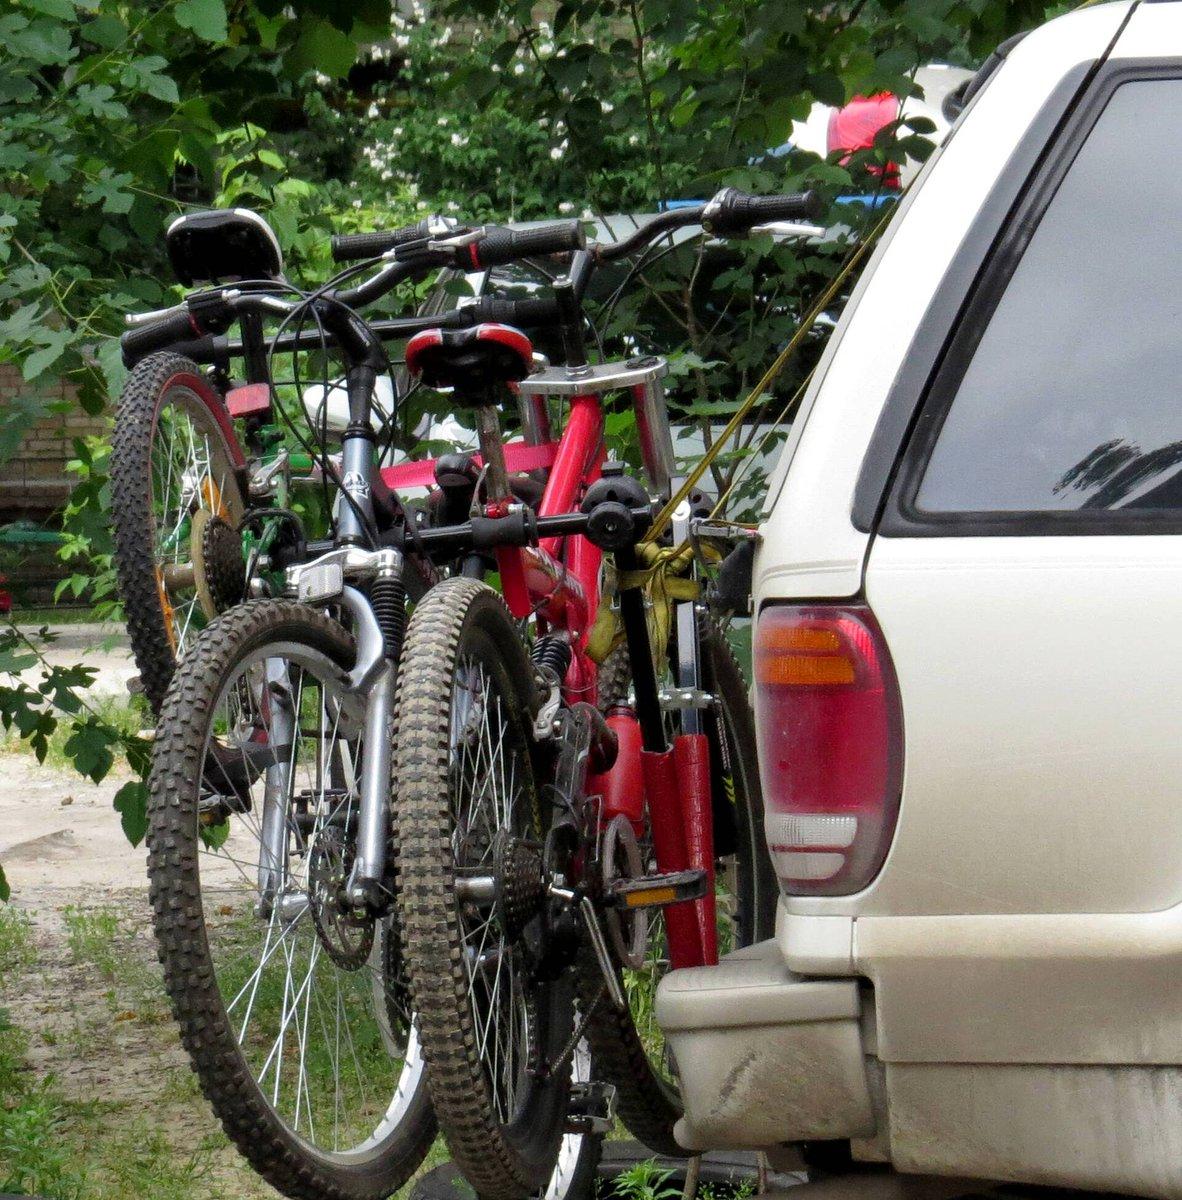 Det er skønt at tage cyklerne med på ferie, men det er træls at komme hjem med en bøde, fordi cyklerne har dækket for bilens lygter og nummerplade. I sidste uge blev 11 bilister sigtet på den bekostning - alene på Samsø! Få nu orden i sagerne, inden I kører hjemmefra #politidk https://t.co/uRLYcM0U42